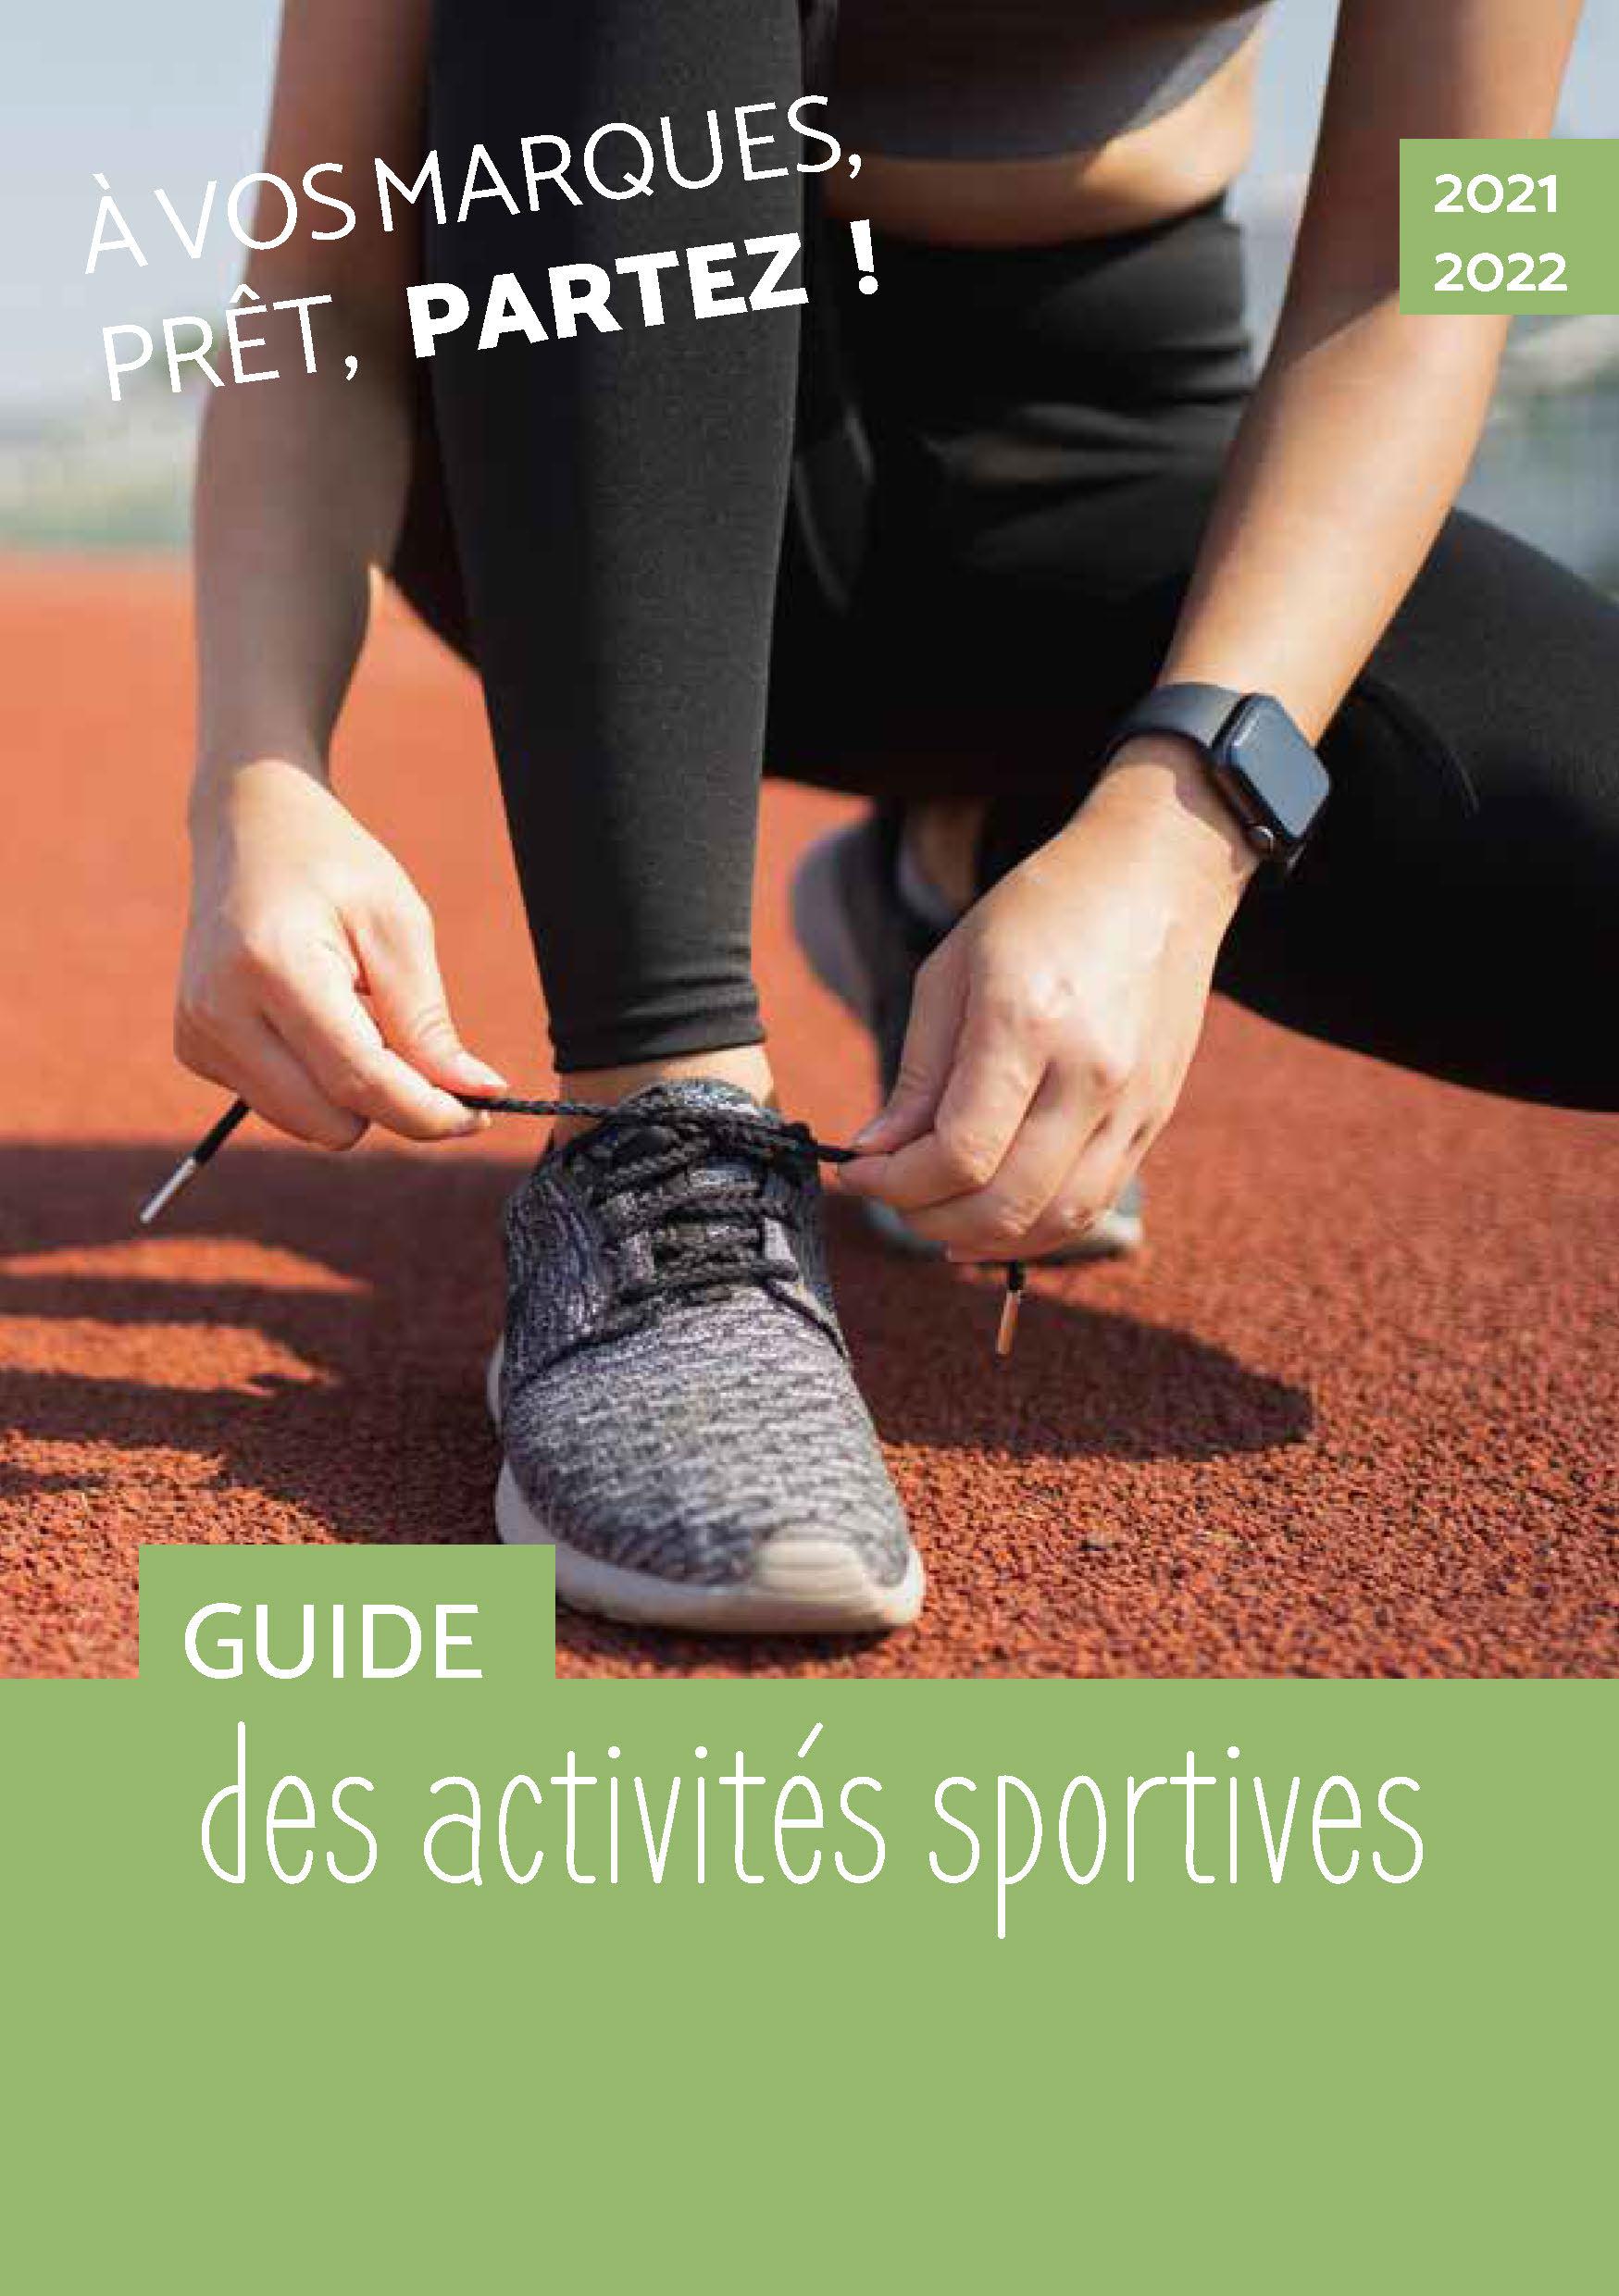 Guide des activités sportives 2021-2022